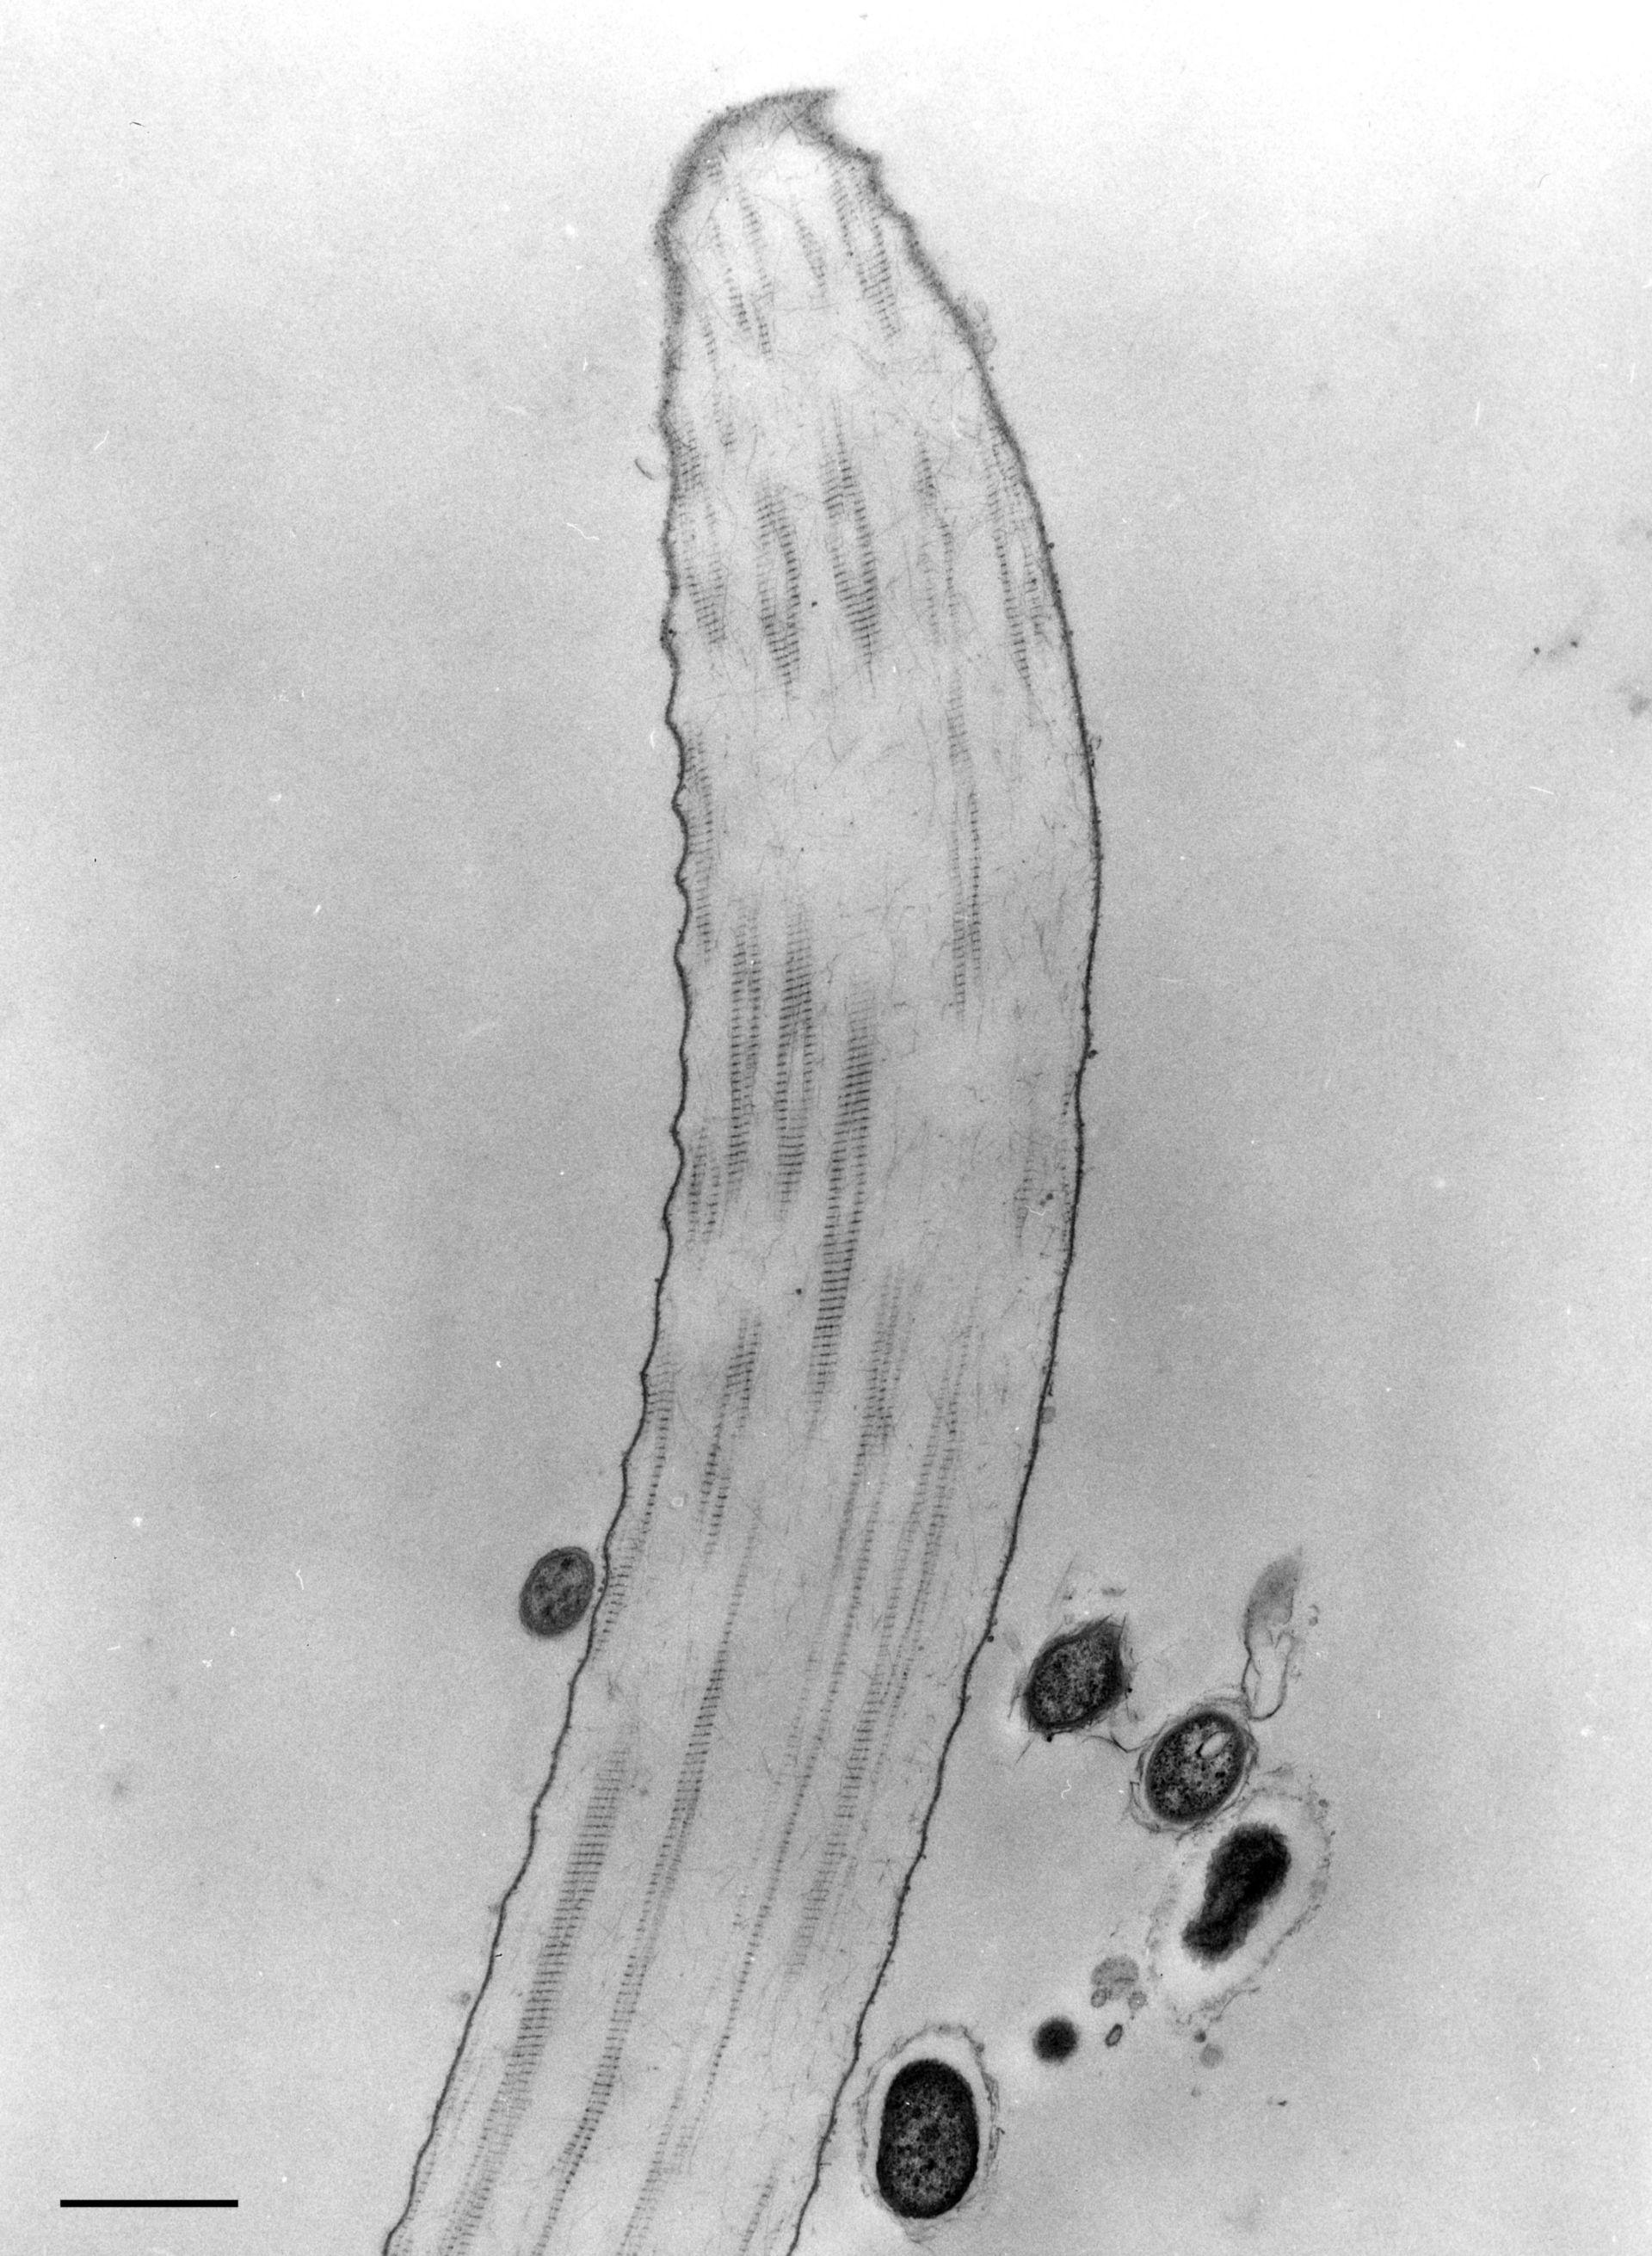 Opercularia coarctata (Extracellular matrix) - CIL:9820